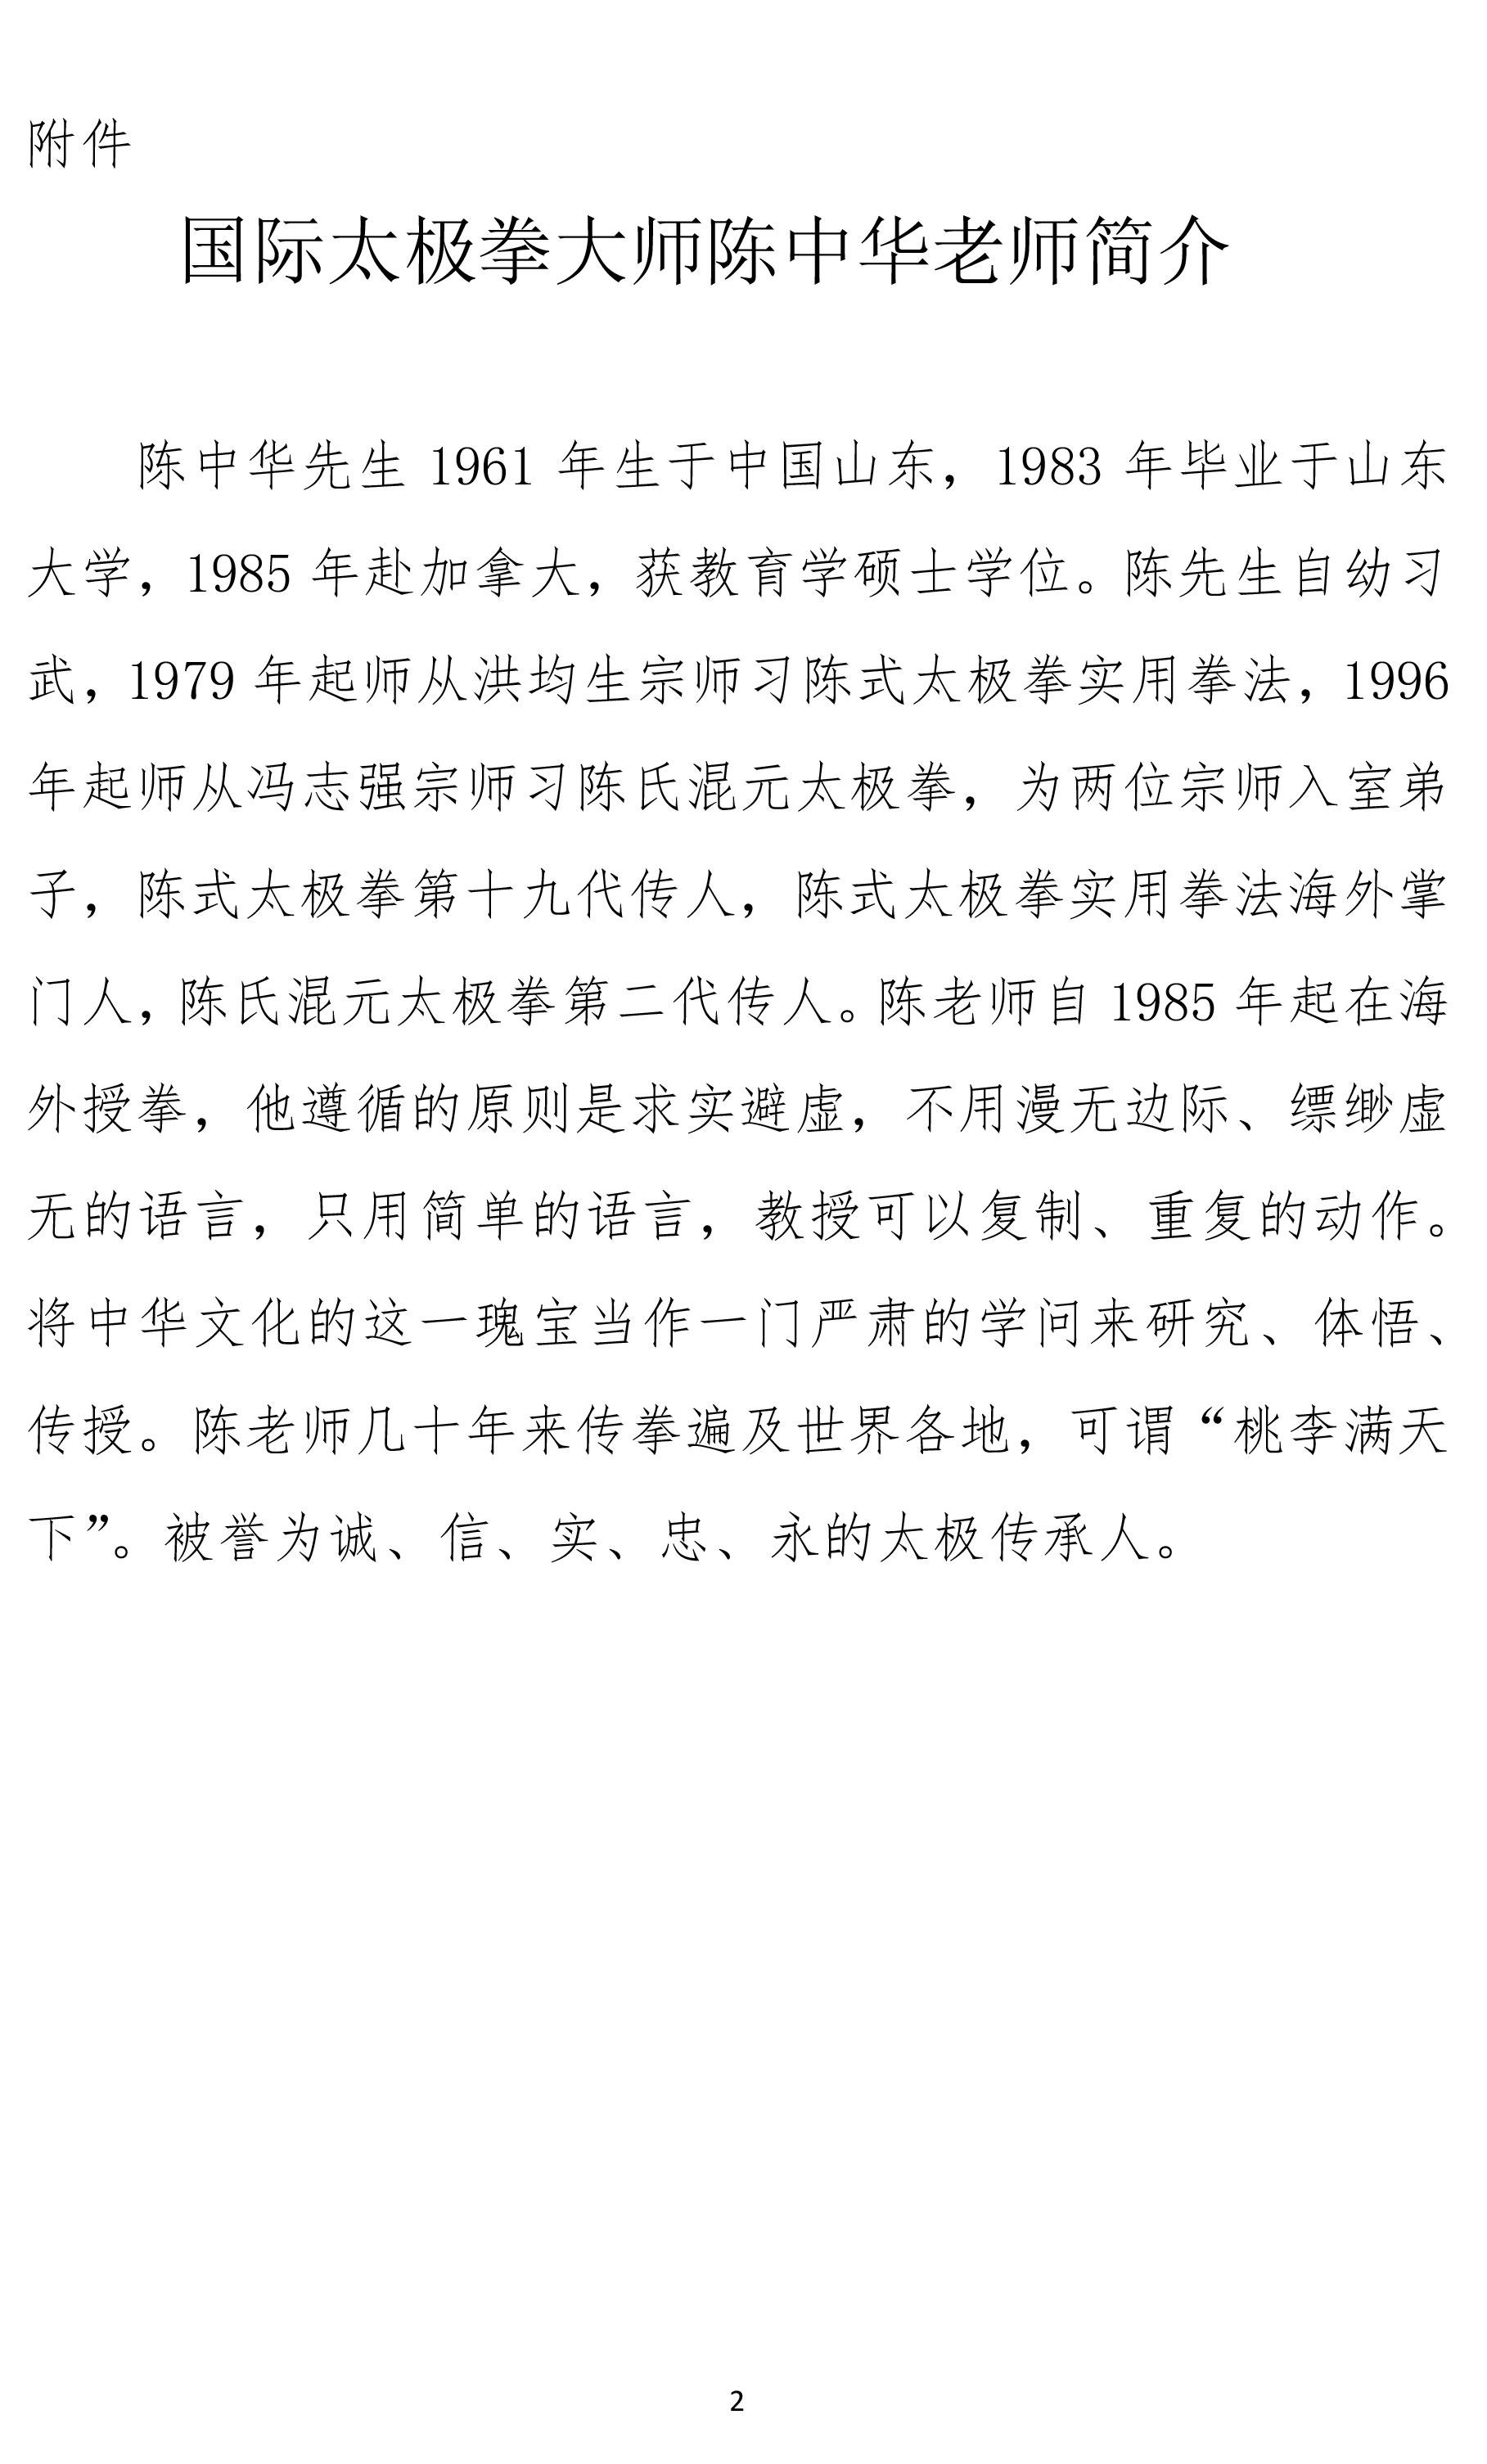 13号关于举行国际太极拳大师陈中华先生实用拳法公益讲座的通知--2